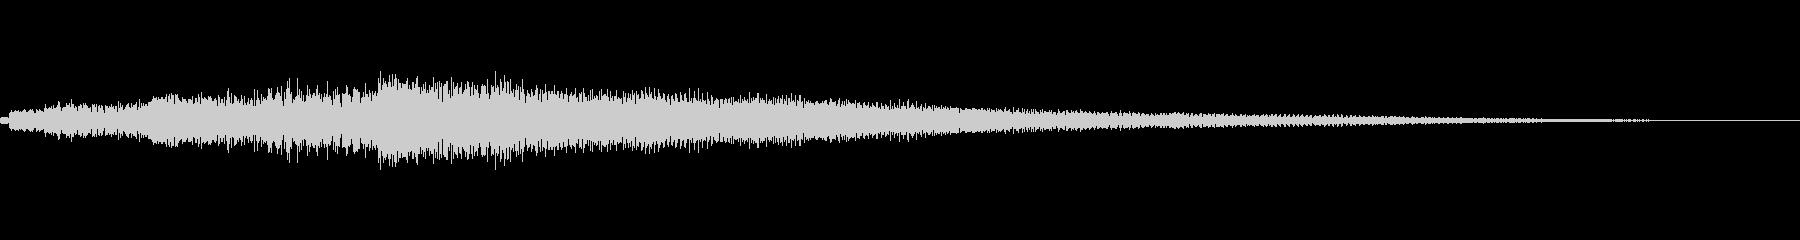 スウィートリトルシングスローアンド...の未再生の波形